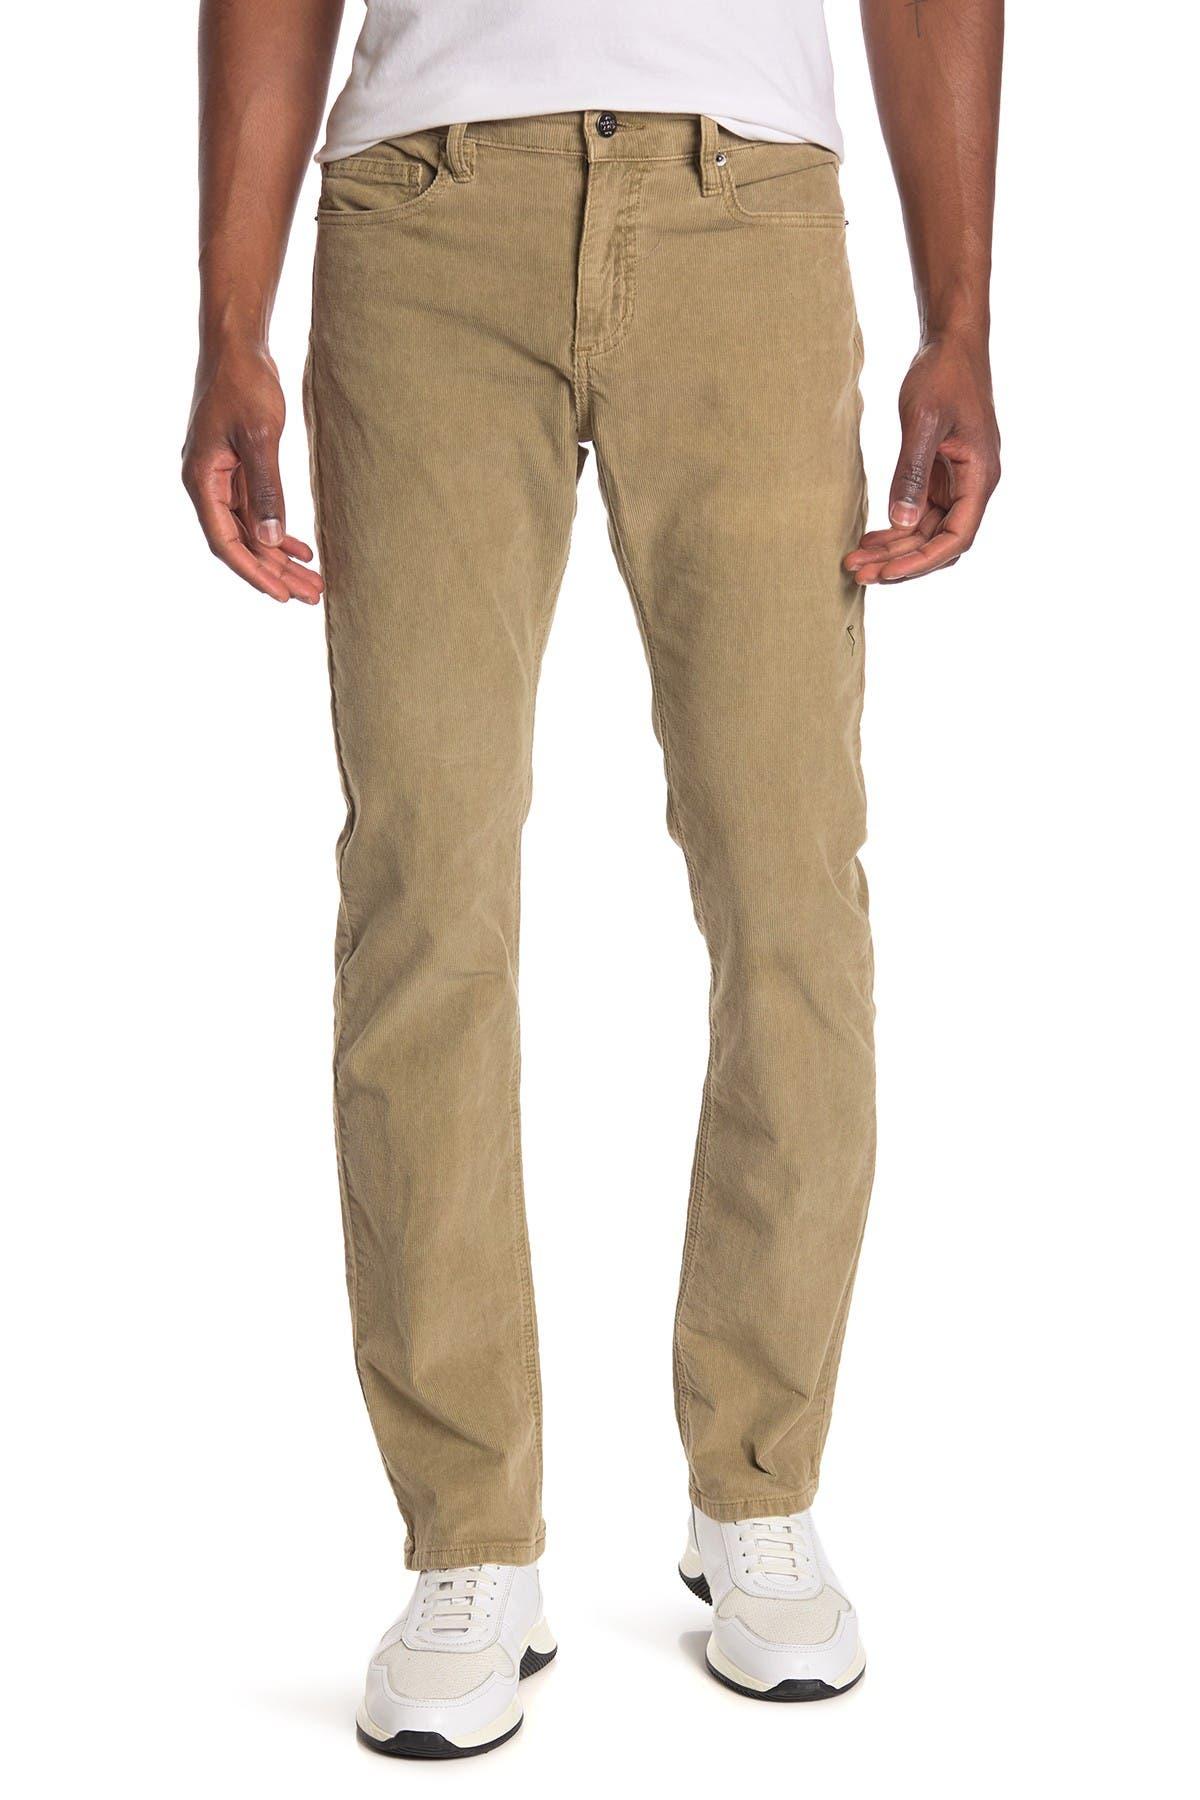 Image of Marine Layer Cambridge Corduroy Pants